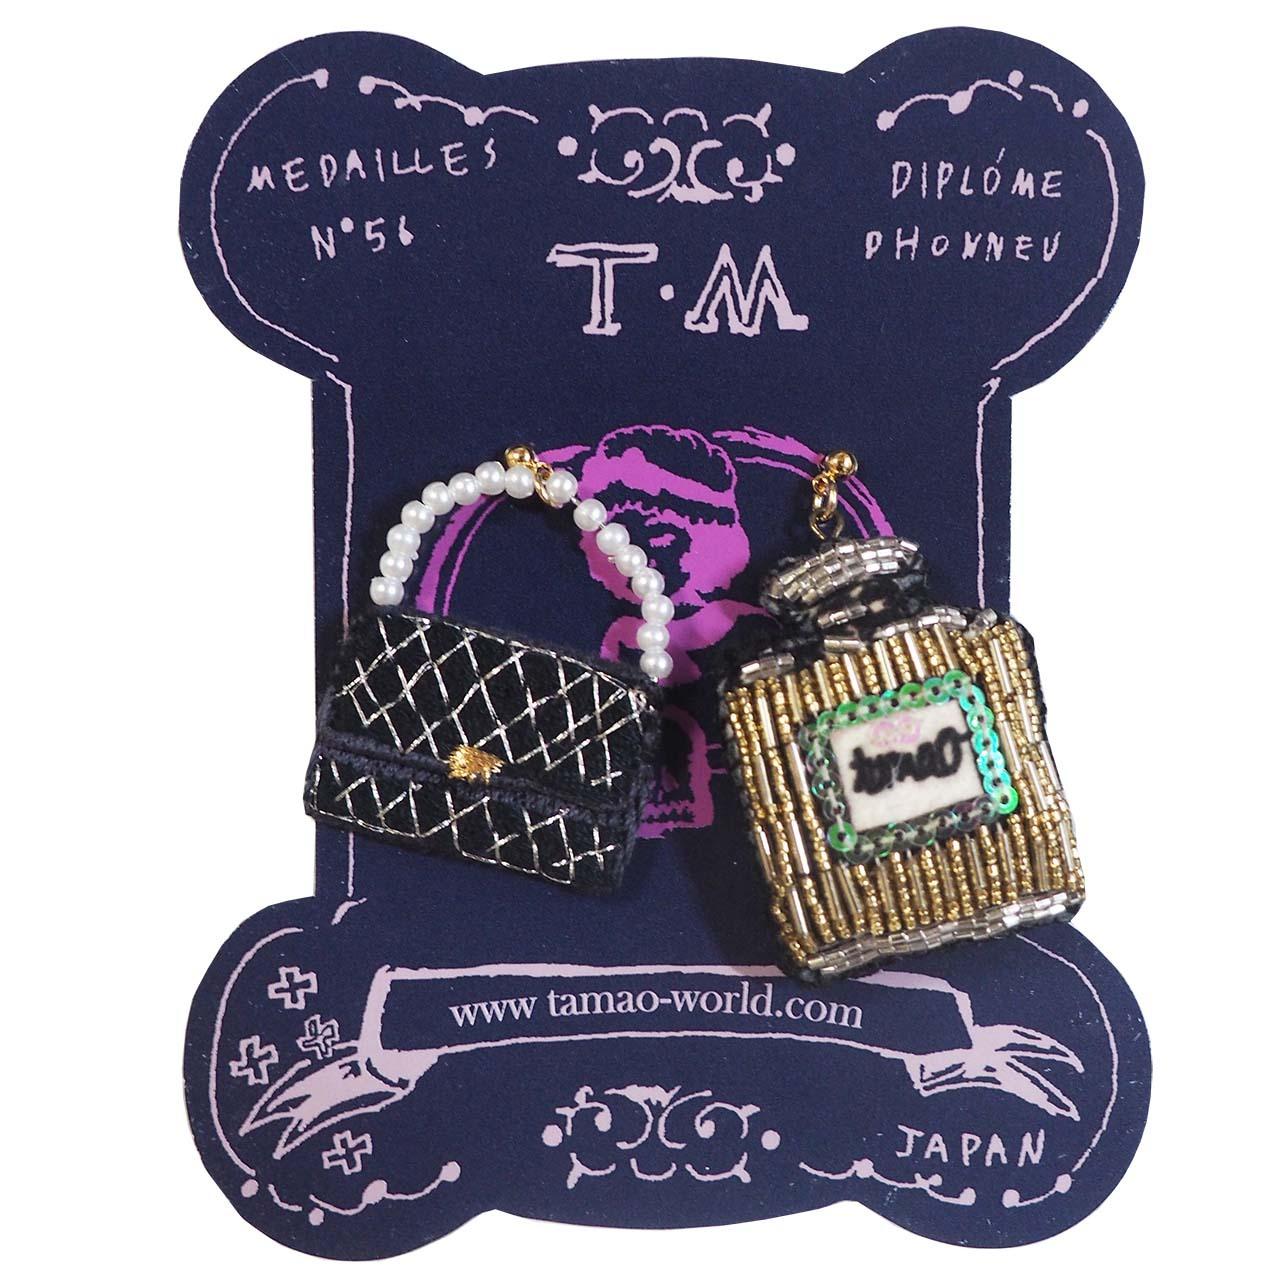 刺繍ピアス 香水瓶とハンドバッグ